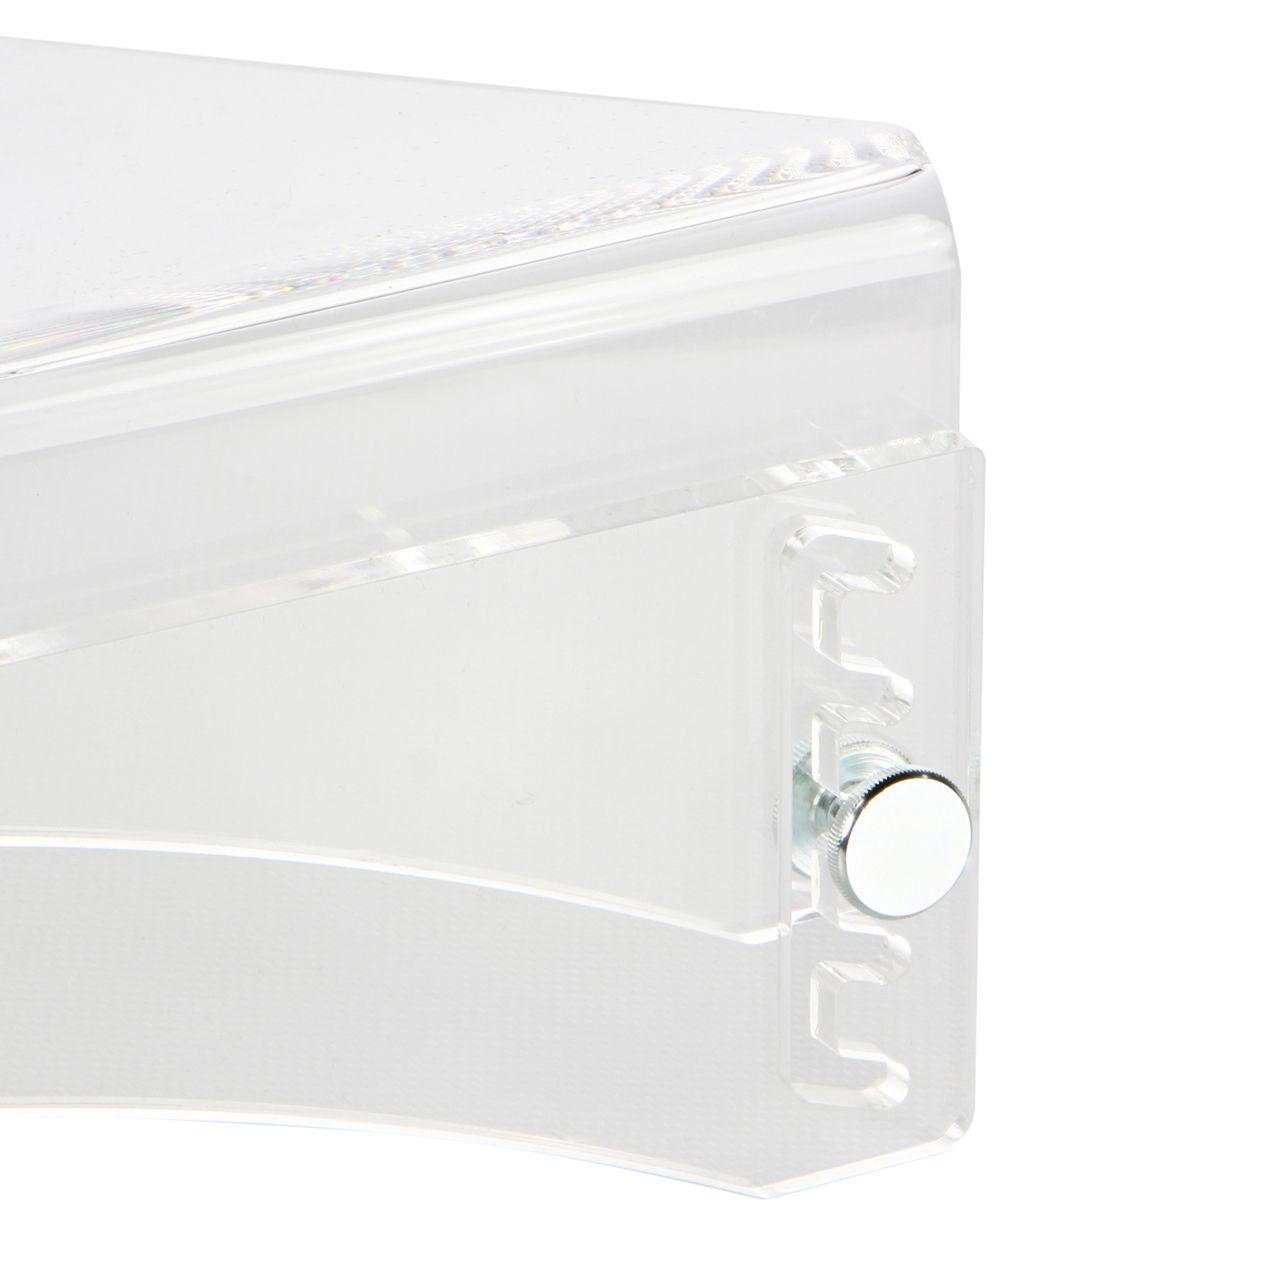 flexdesk helder documentenhouder ERKAFDH42 Detail